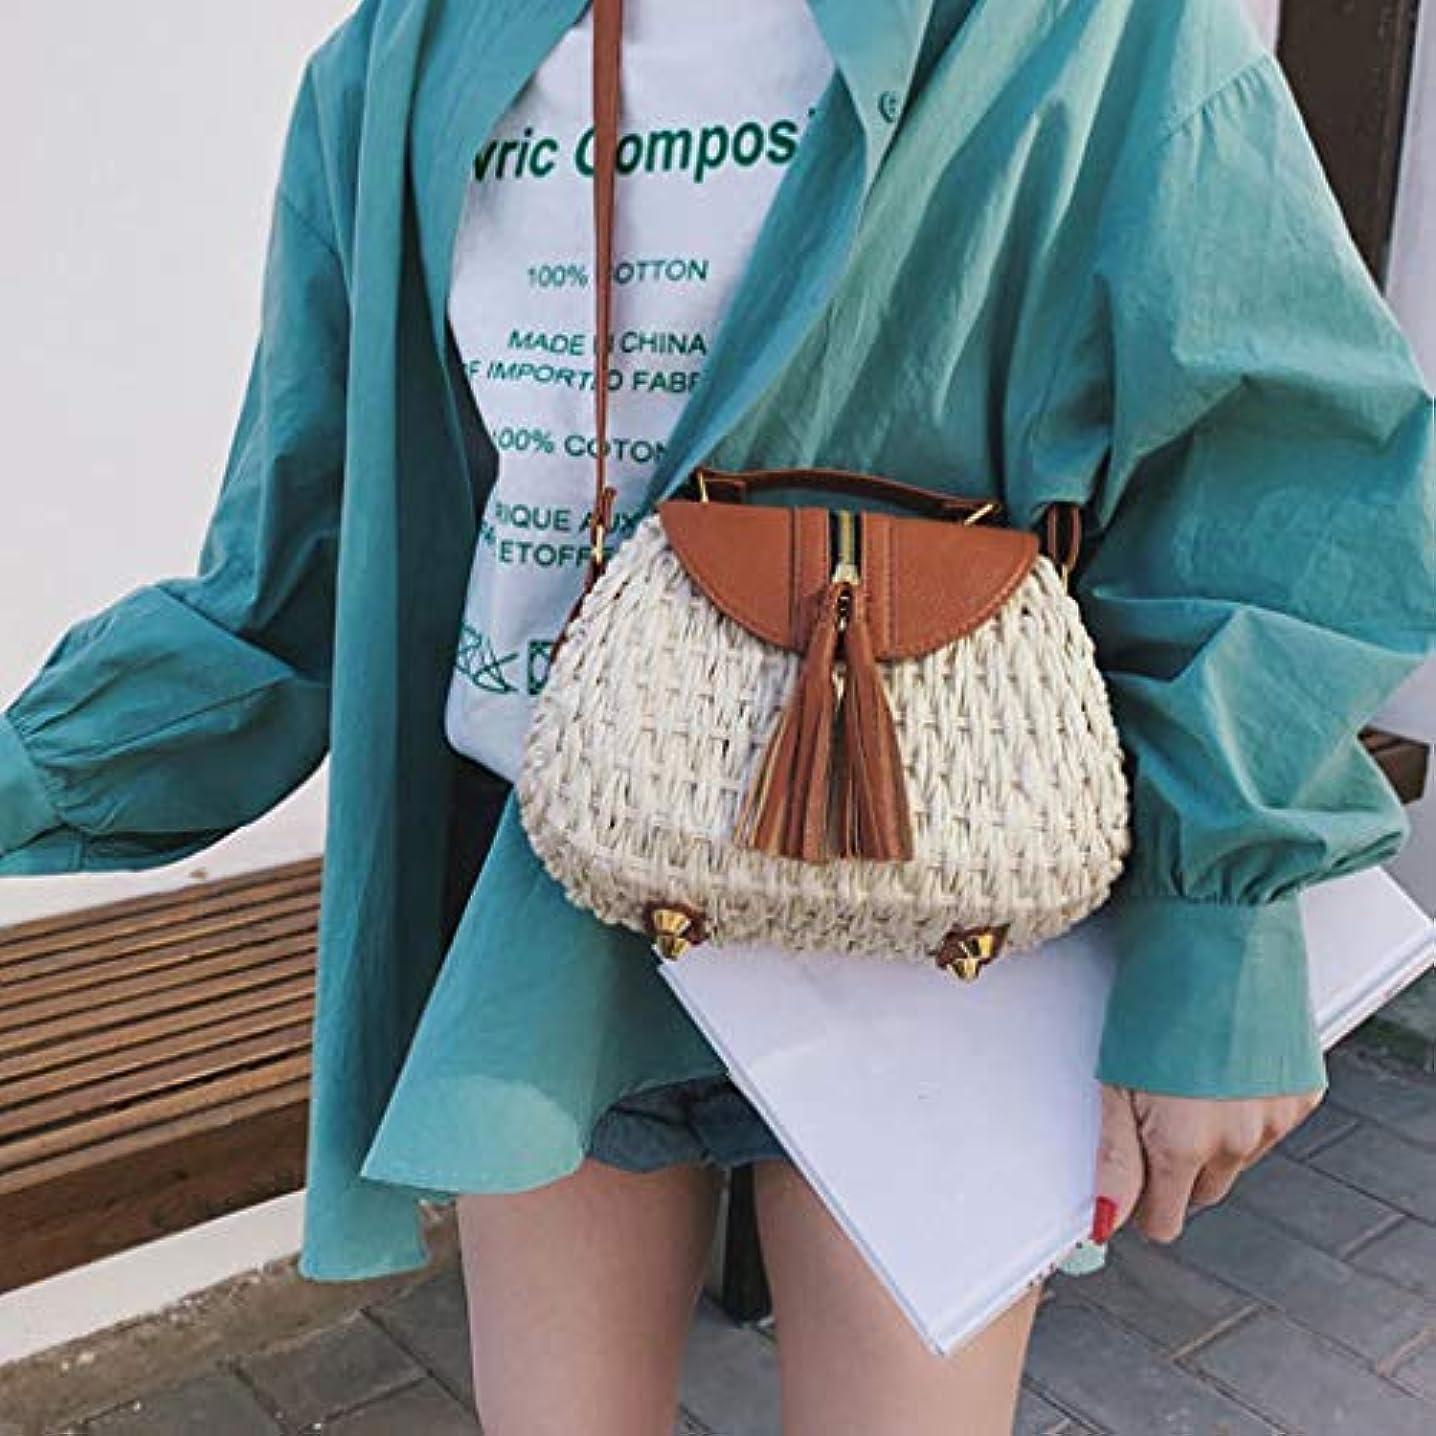 バンク責巨大な女性の流行のタッセルはショルダー?バッグ、女性浜の余暇のクロスボディ袋を織ります、女性のタッセルは浜様式のメッセンジャー袋を織ります、女性方法対照色のビーチ様式のメッセンジャー袋 (ベージュ)